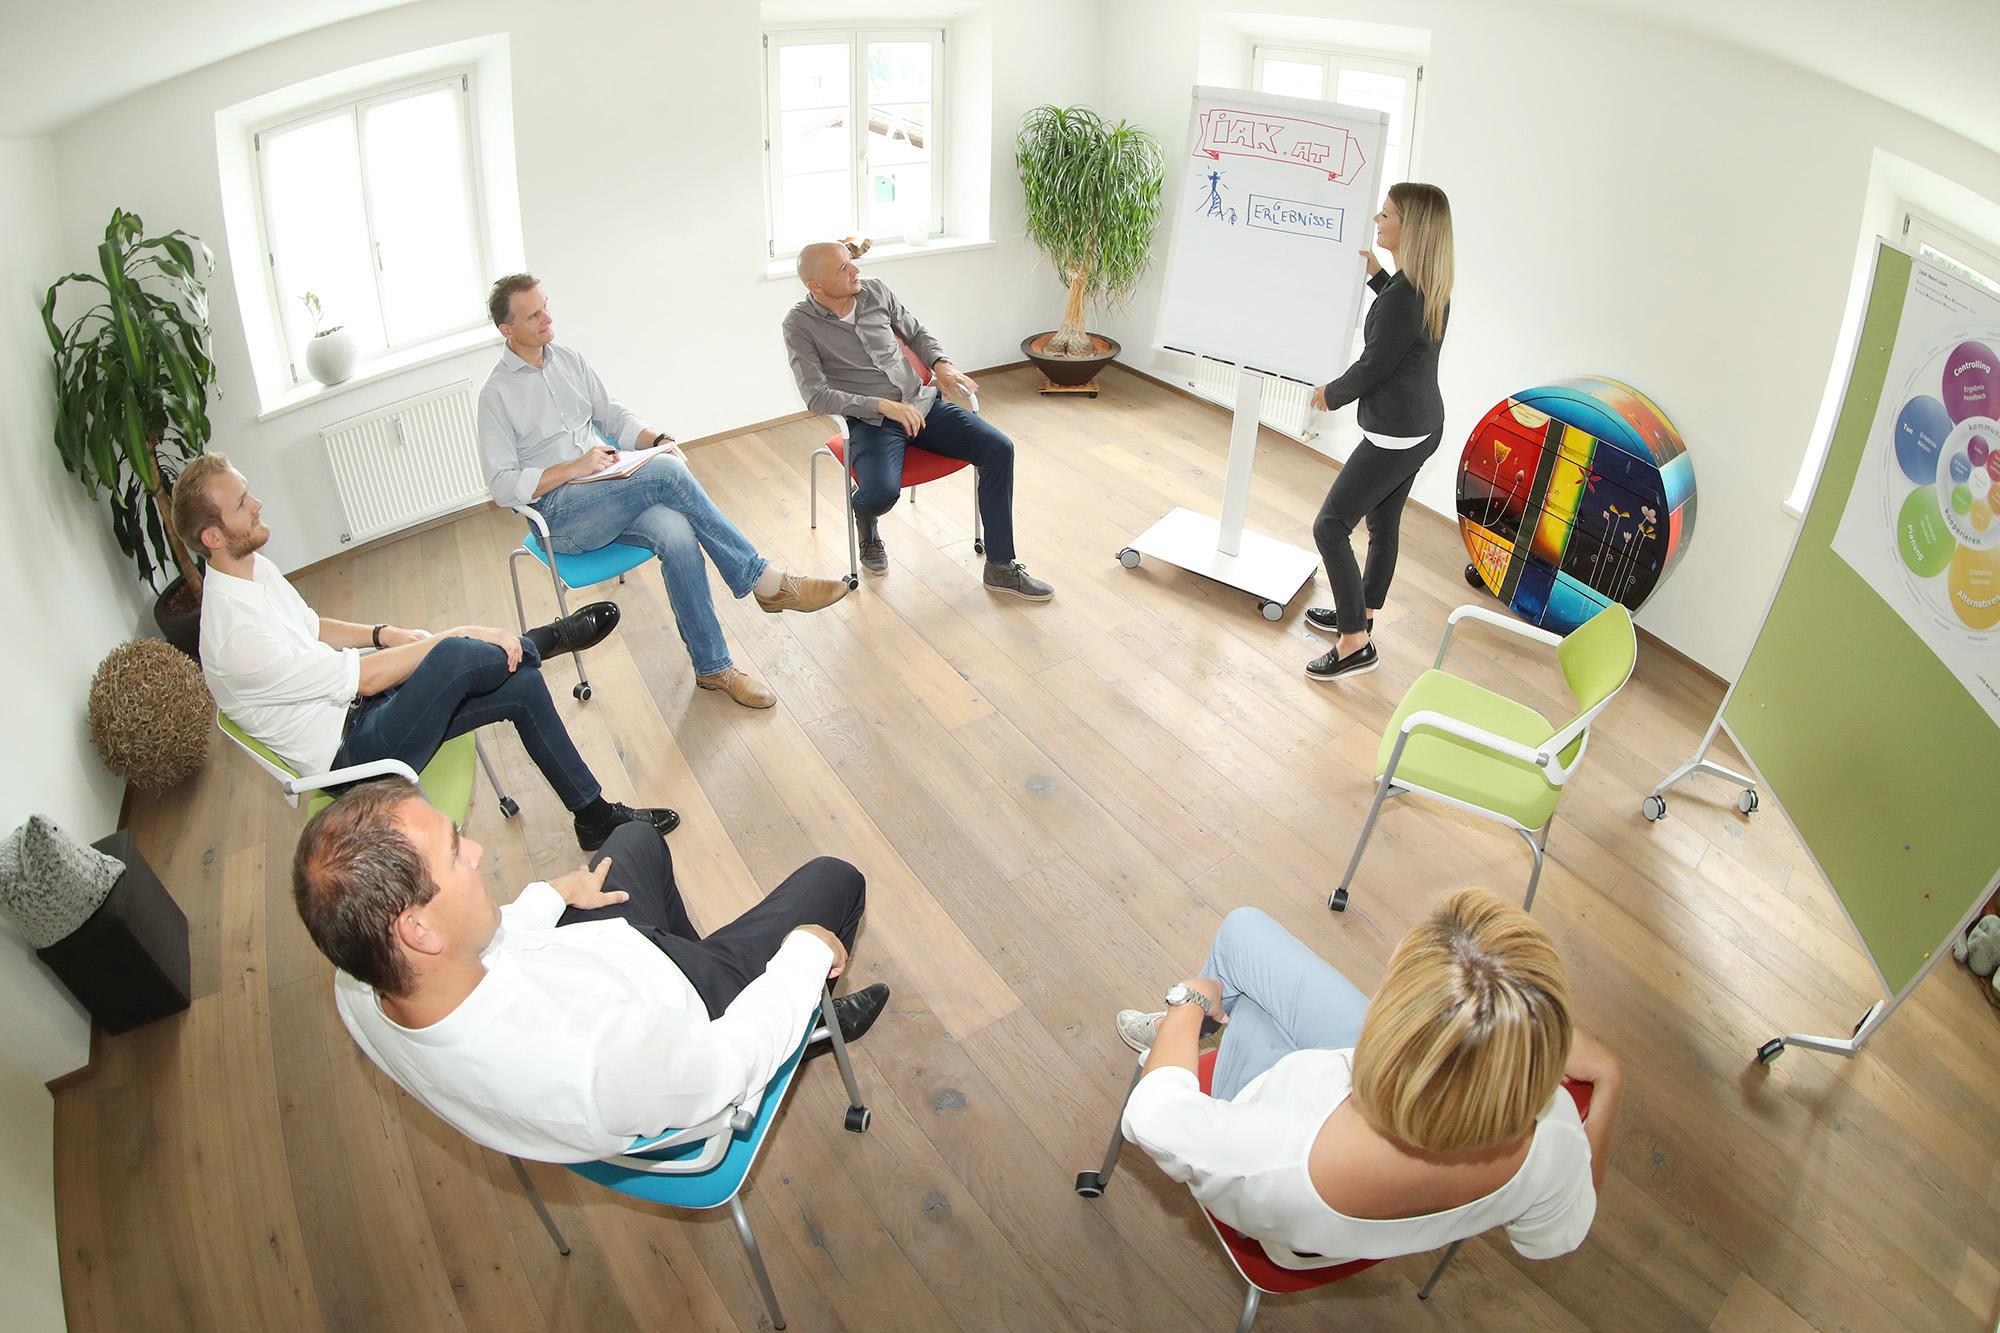 Workshop, Beratung, Moderation, LeadingX, Management, Führen, Führung, Einstellung, Mindset